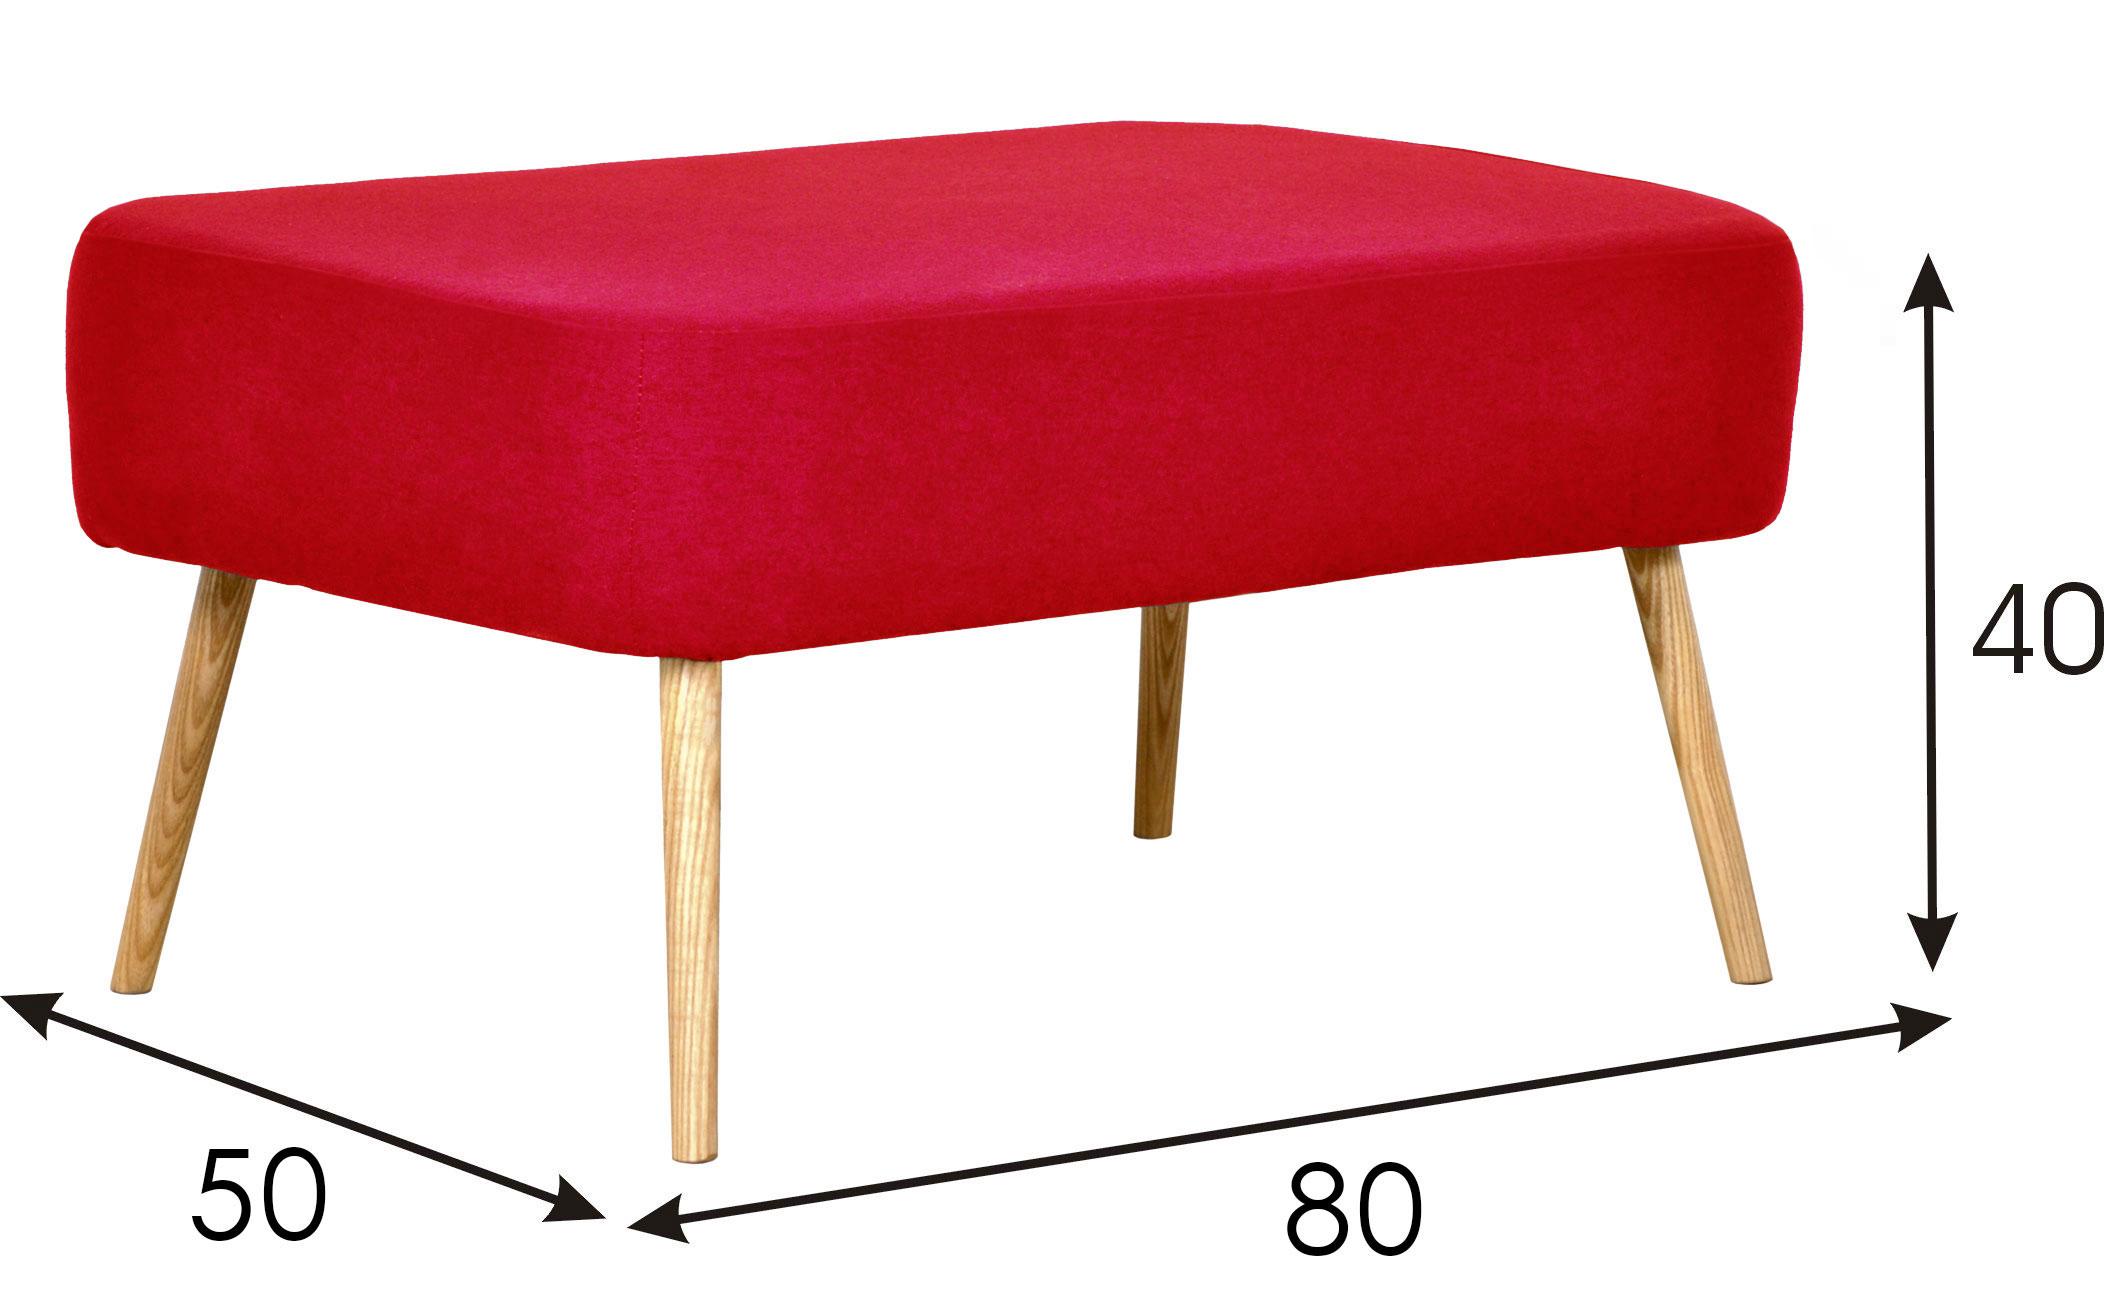 Dora-Hocker-bez-kiedry-80x50-wymiary